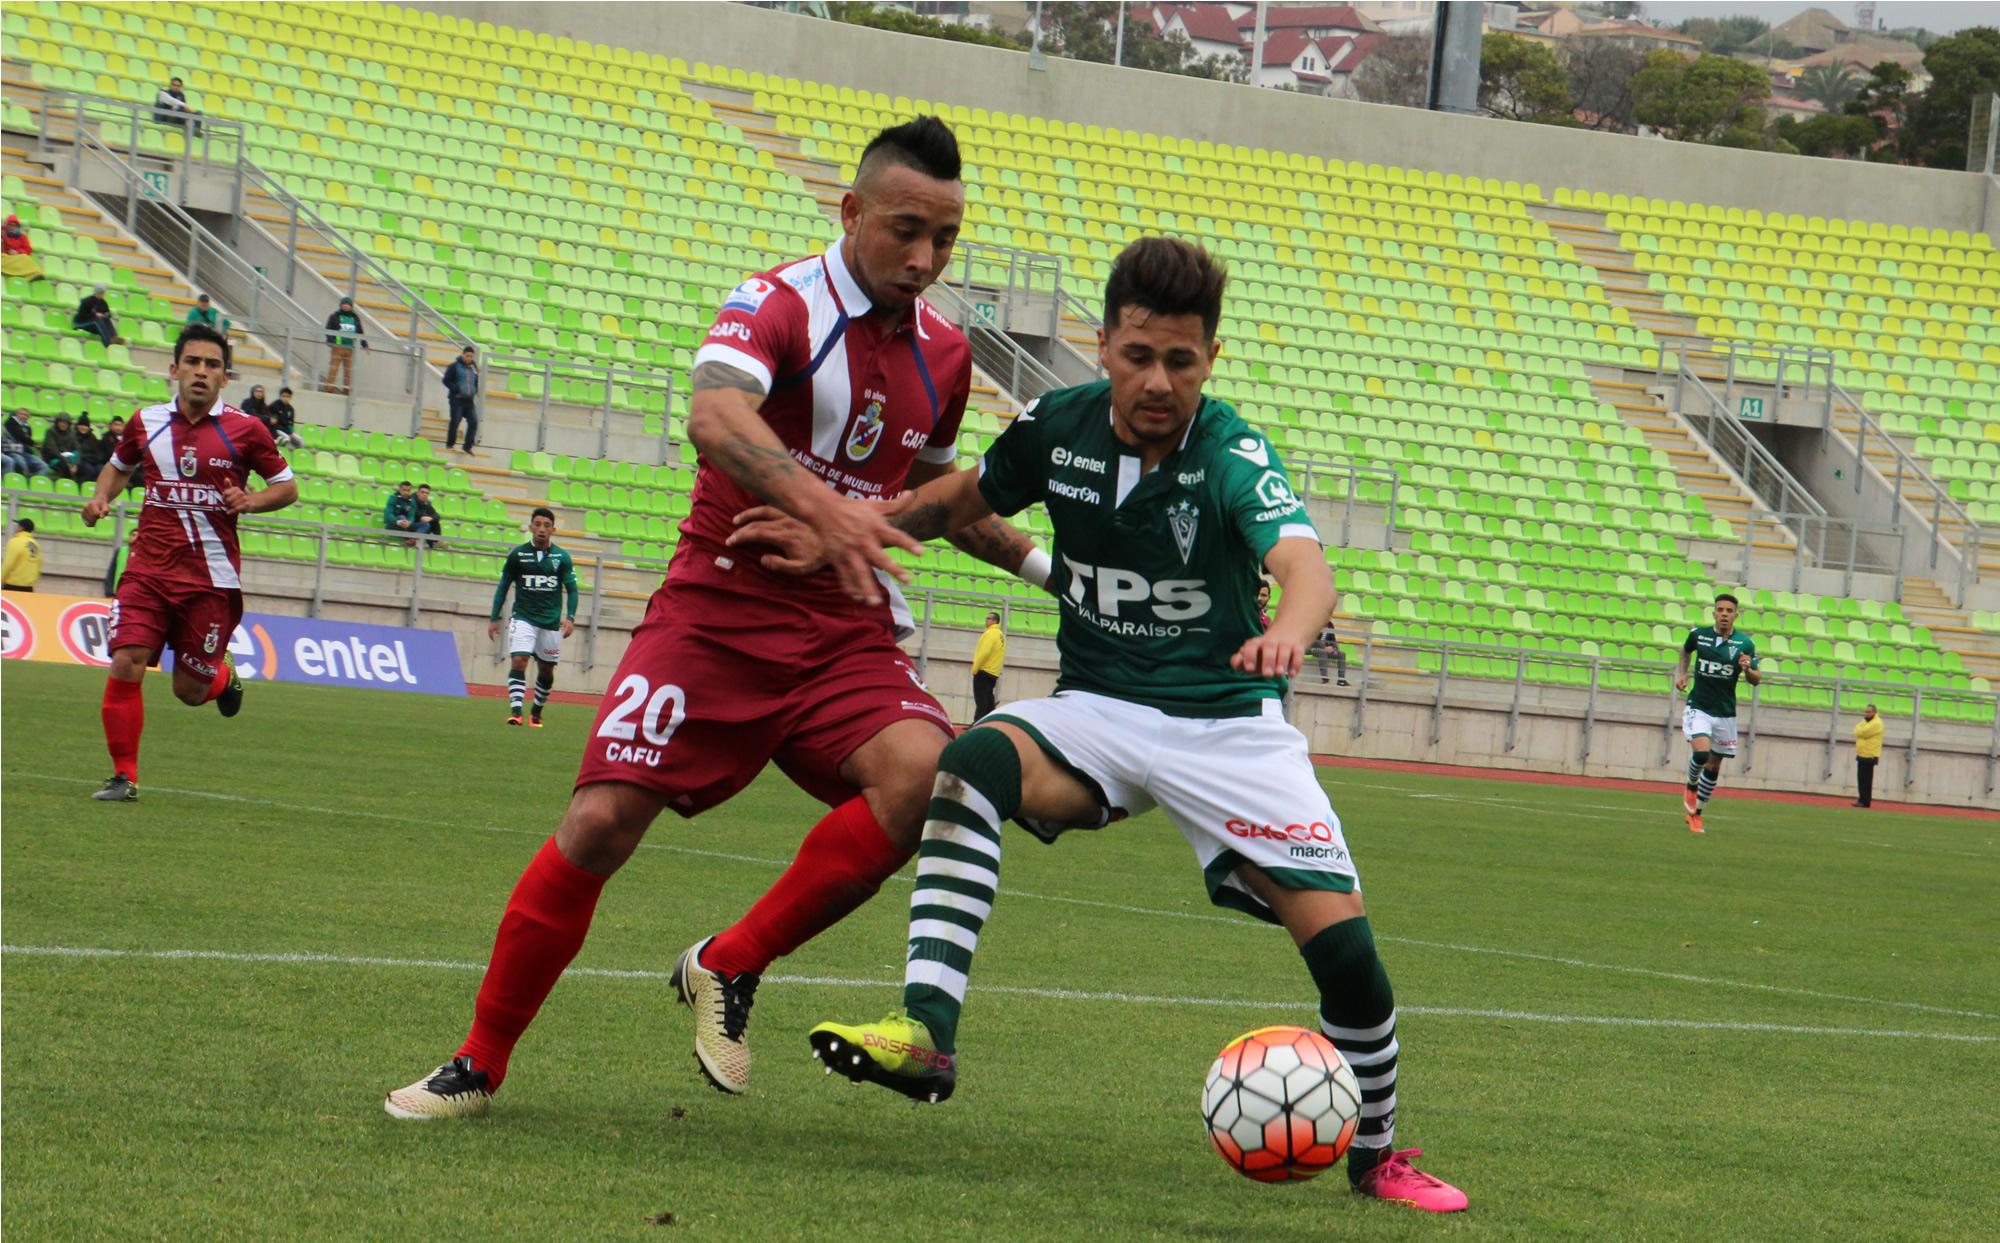 Galería de fotos: Santiago Wanderers vs. La Serena